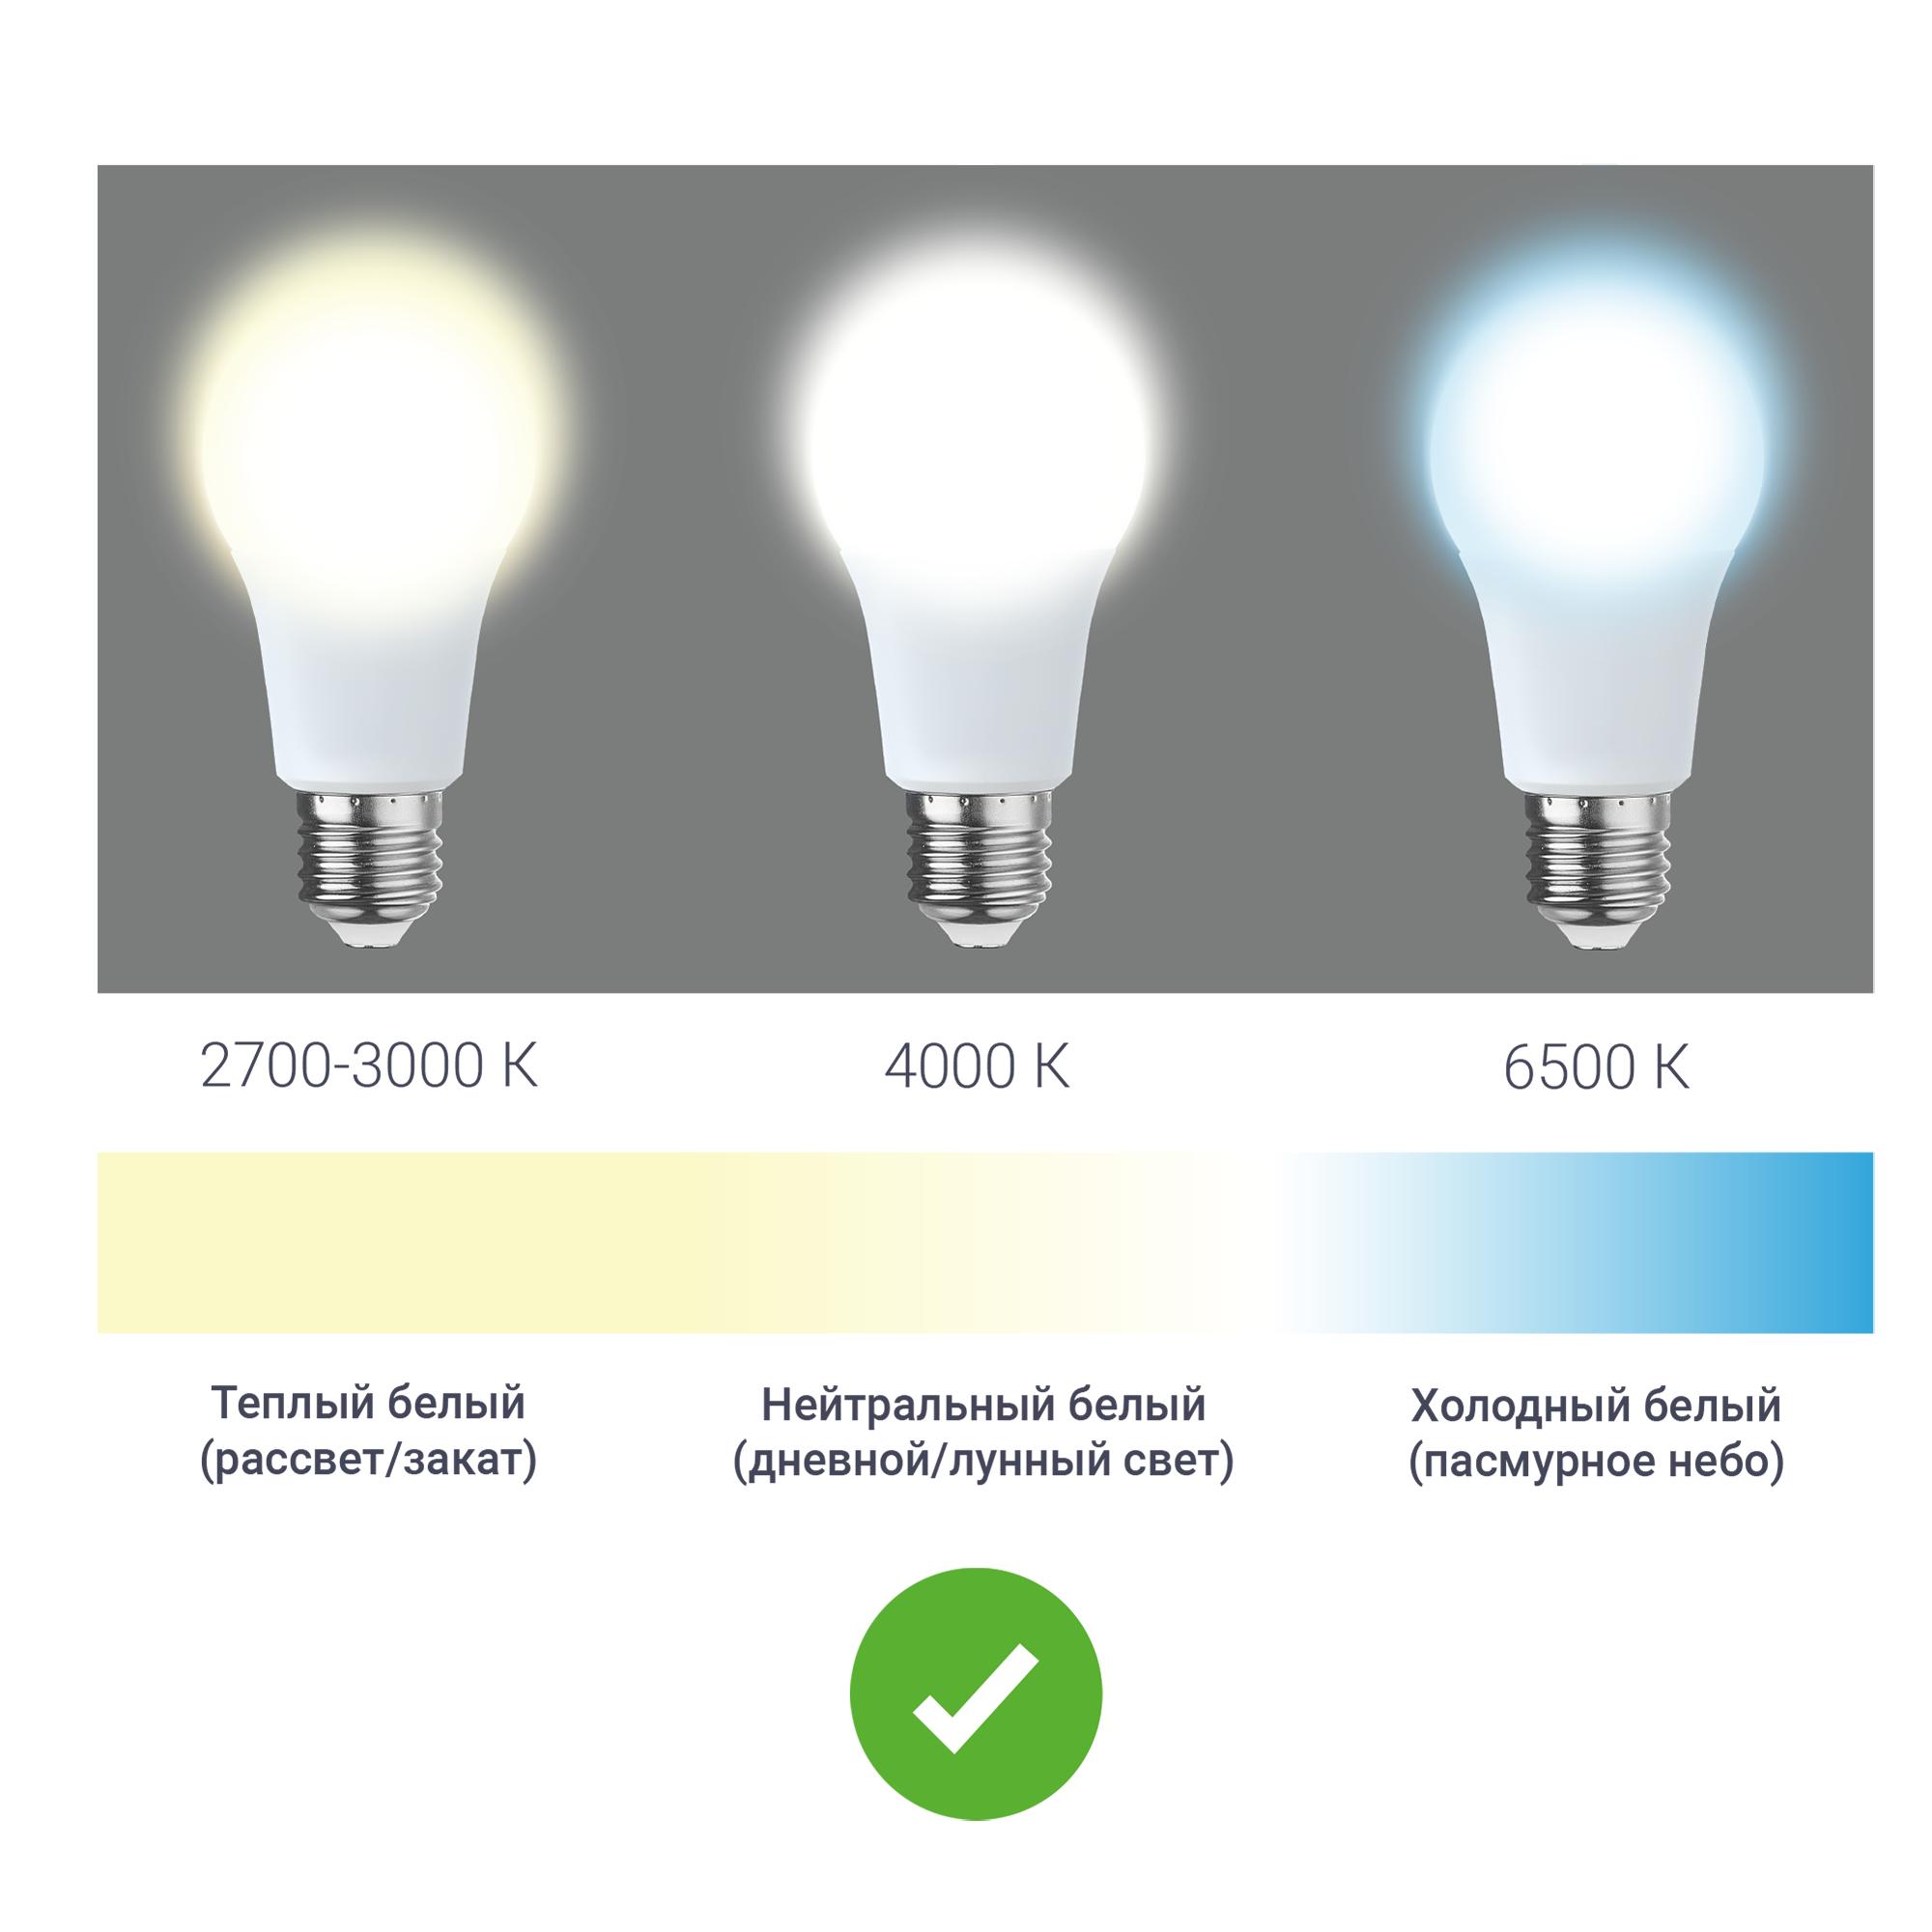 Лампа светодиодная Osram E27 220 В 5 Вт свеча прозрачная 660 лм белый свет